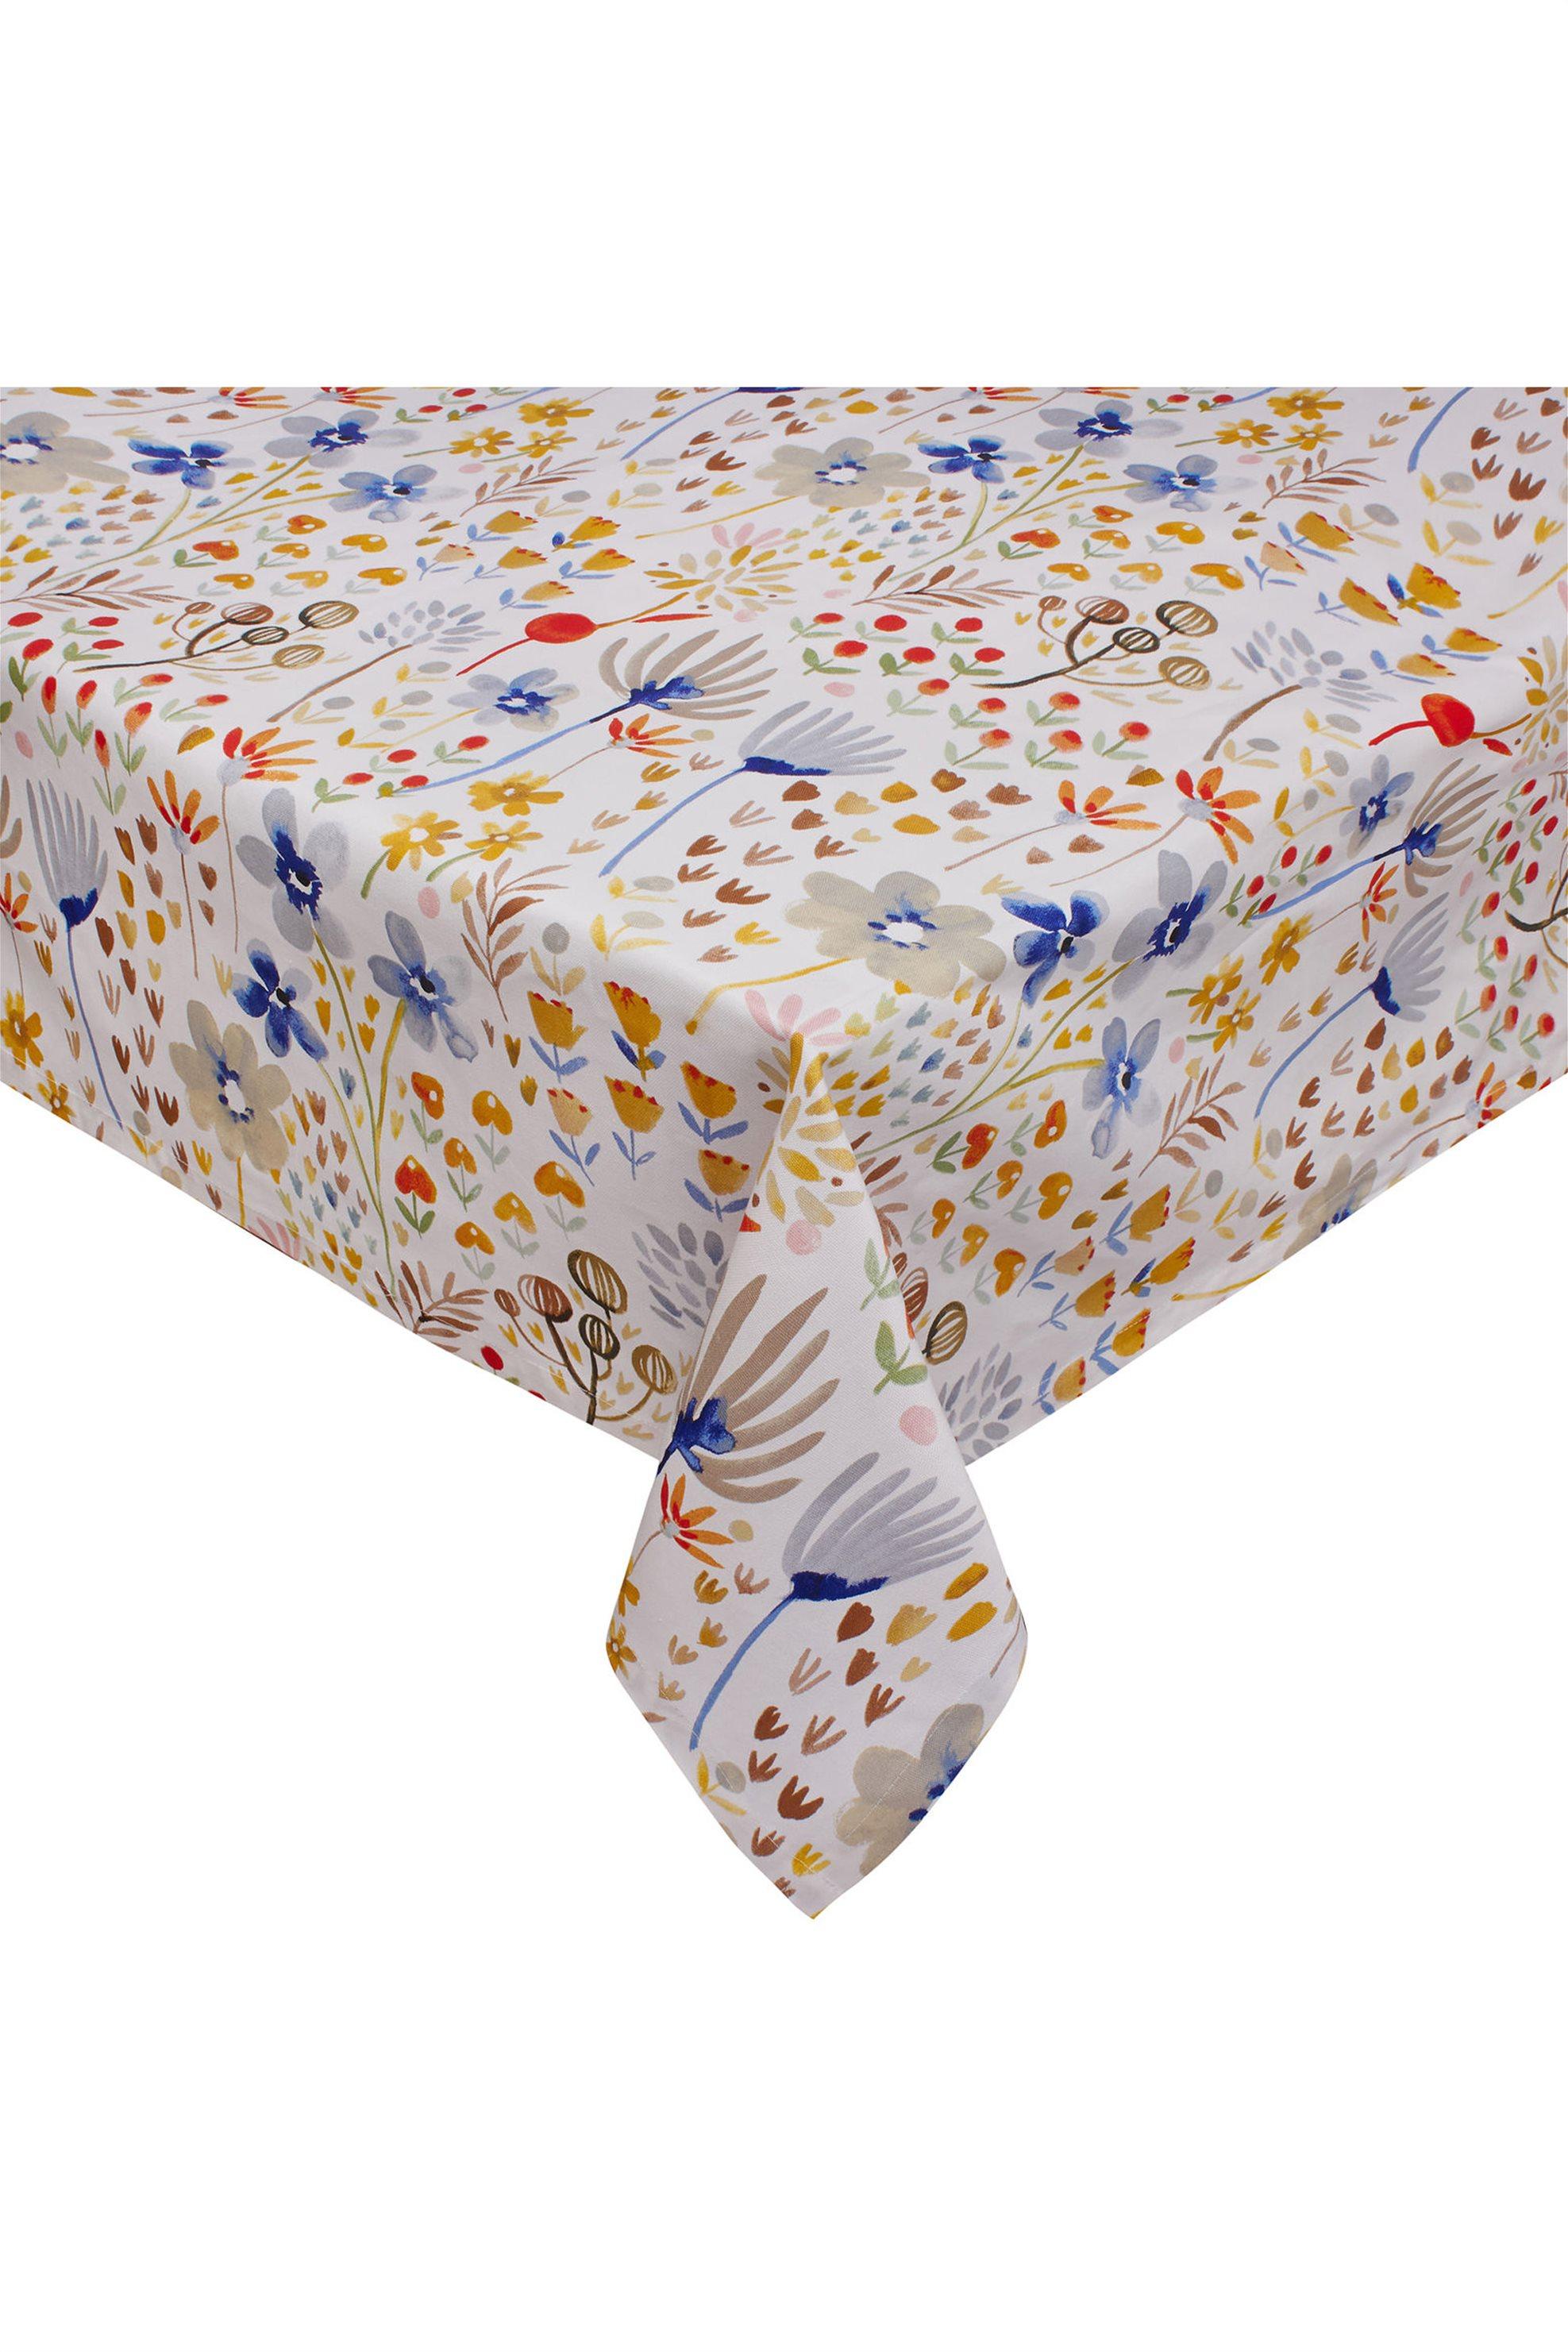 Τραπεζομάντηλο με floral σχέδιο 70 χ 70 cm Coincasa - 000495...